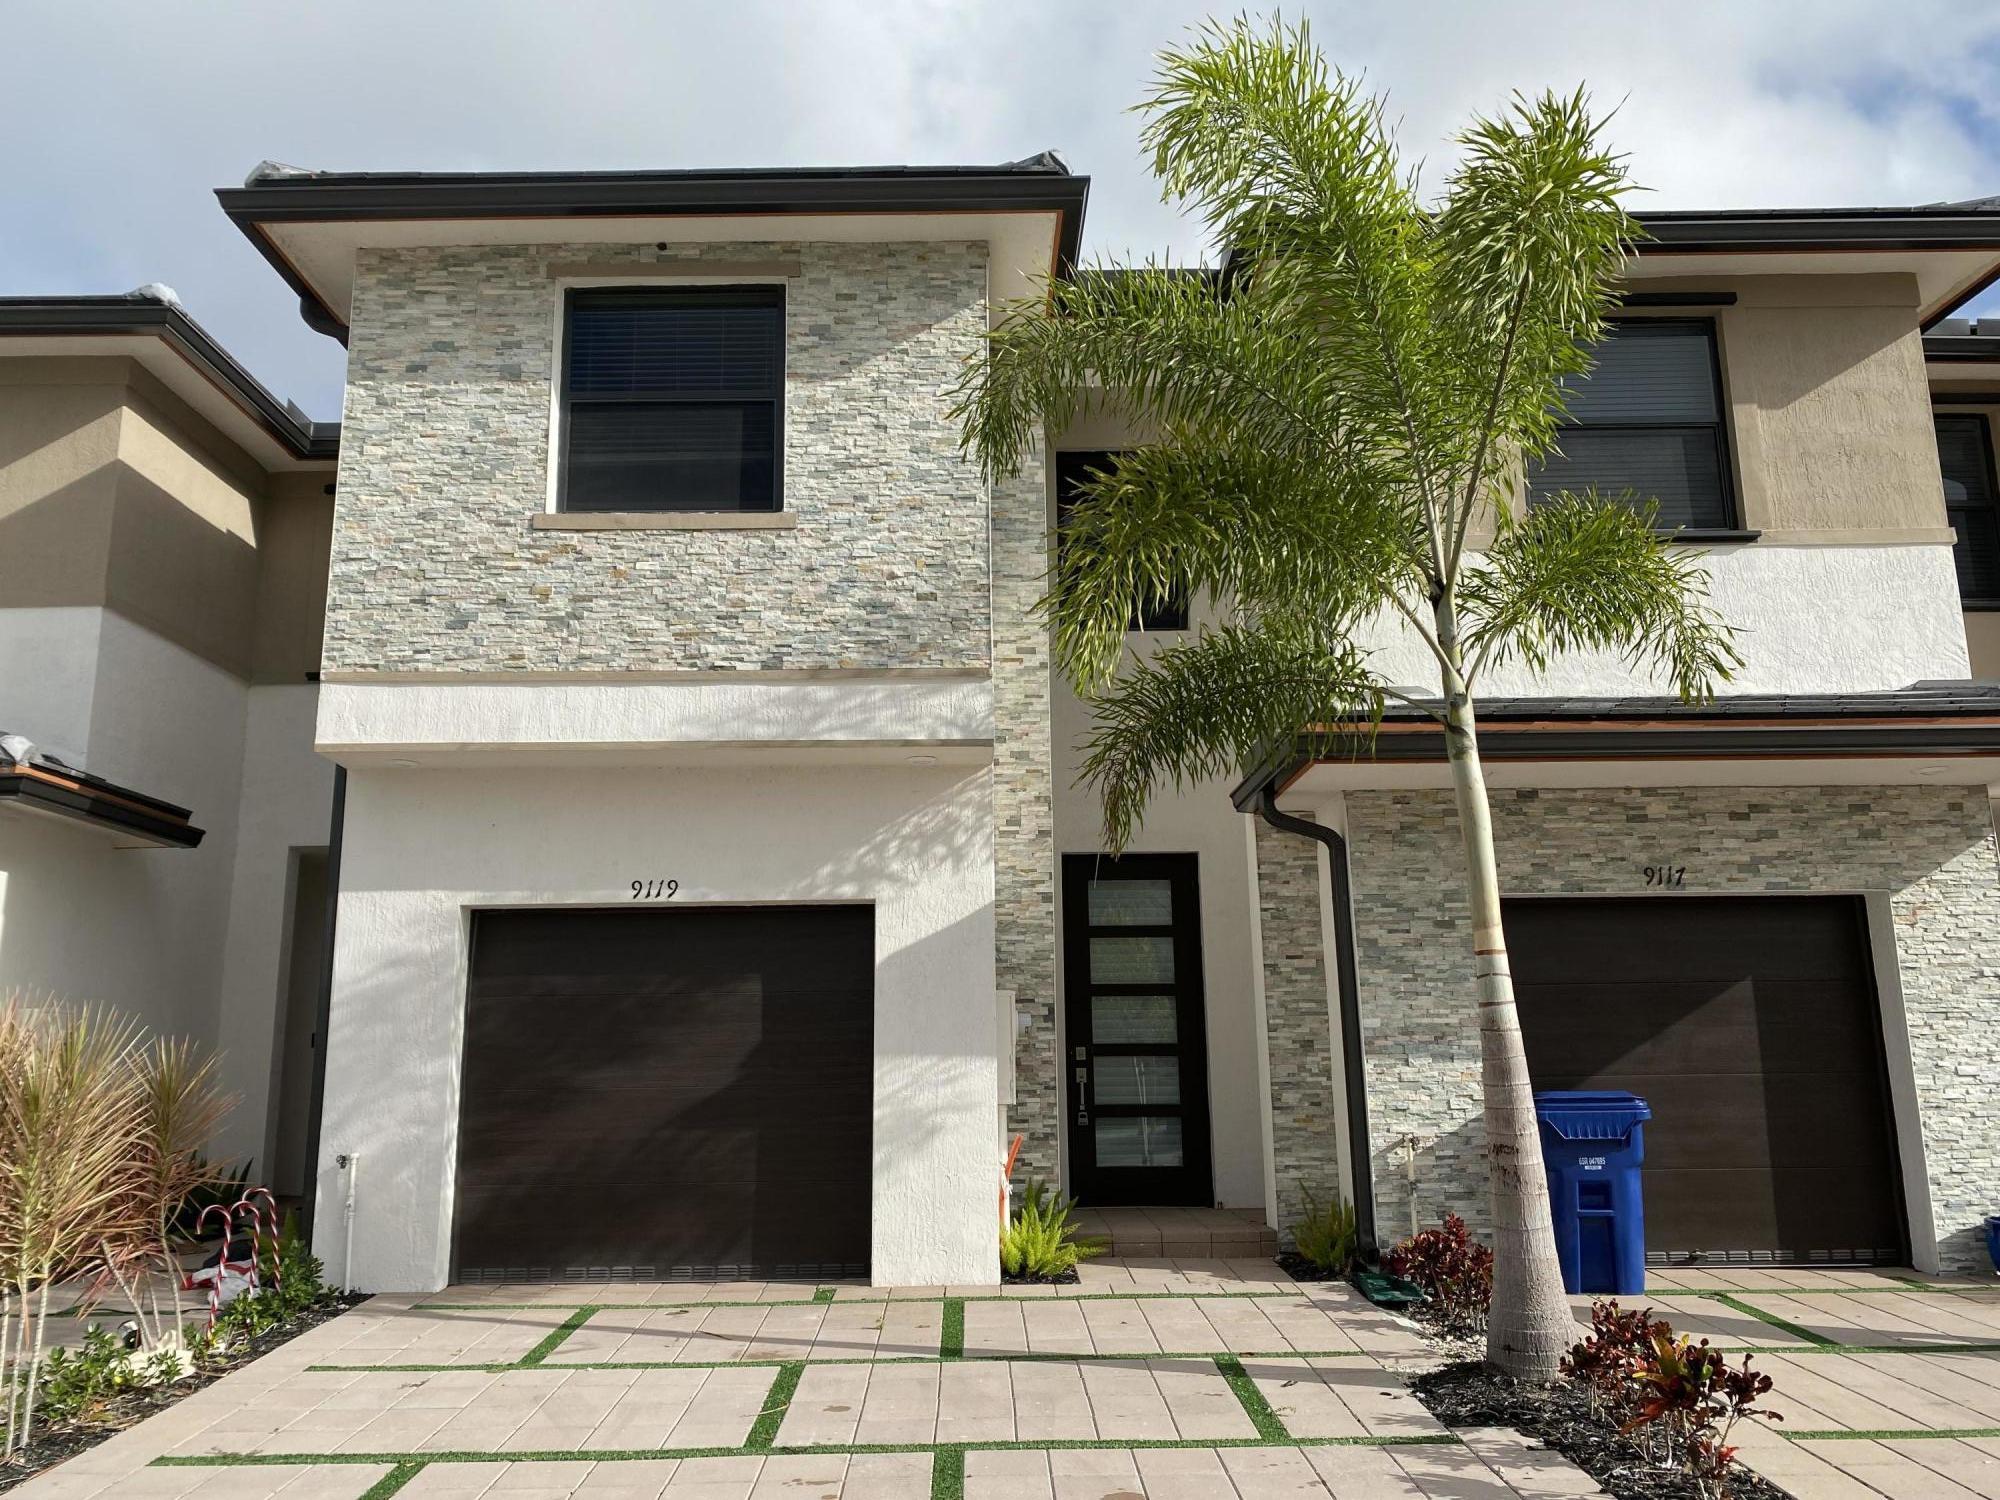 Photo of 9119 NW 159 Street, Miami Lakes, FL 33018